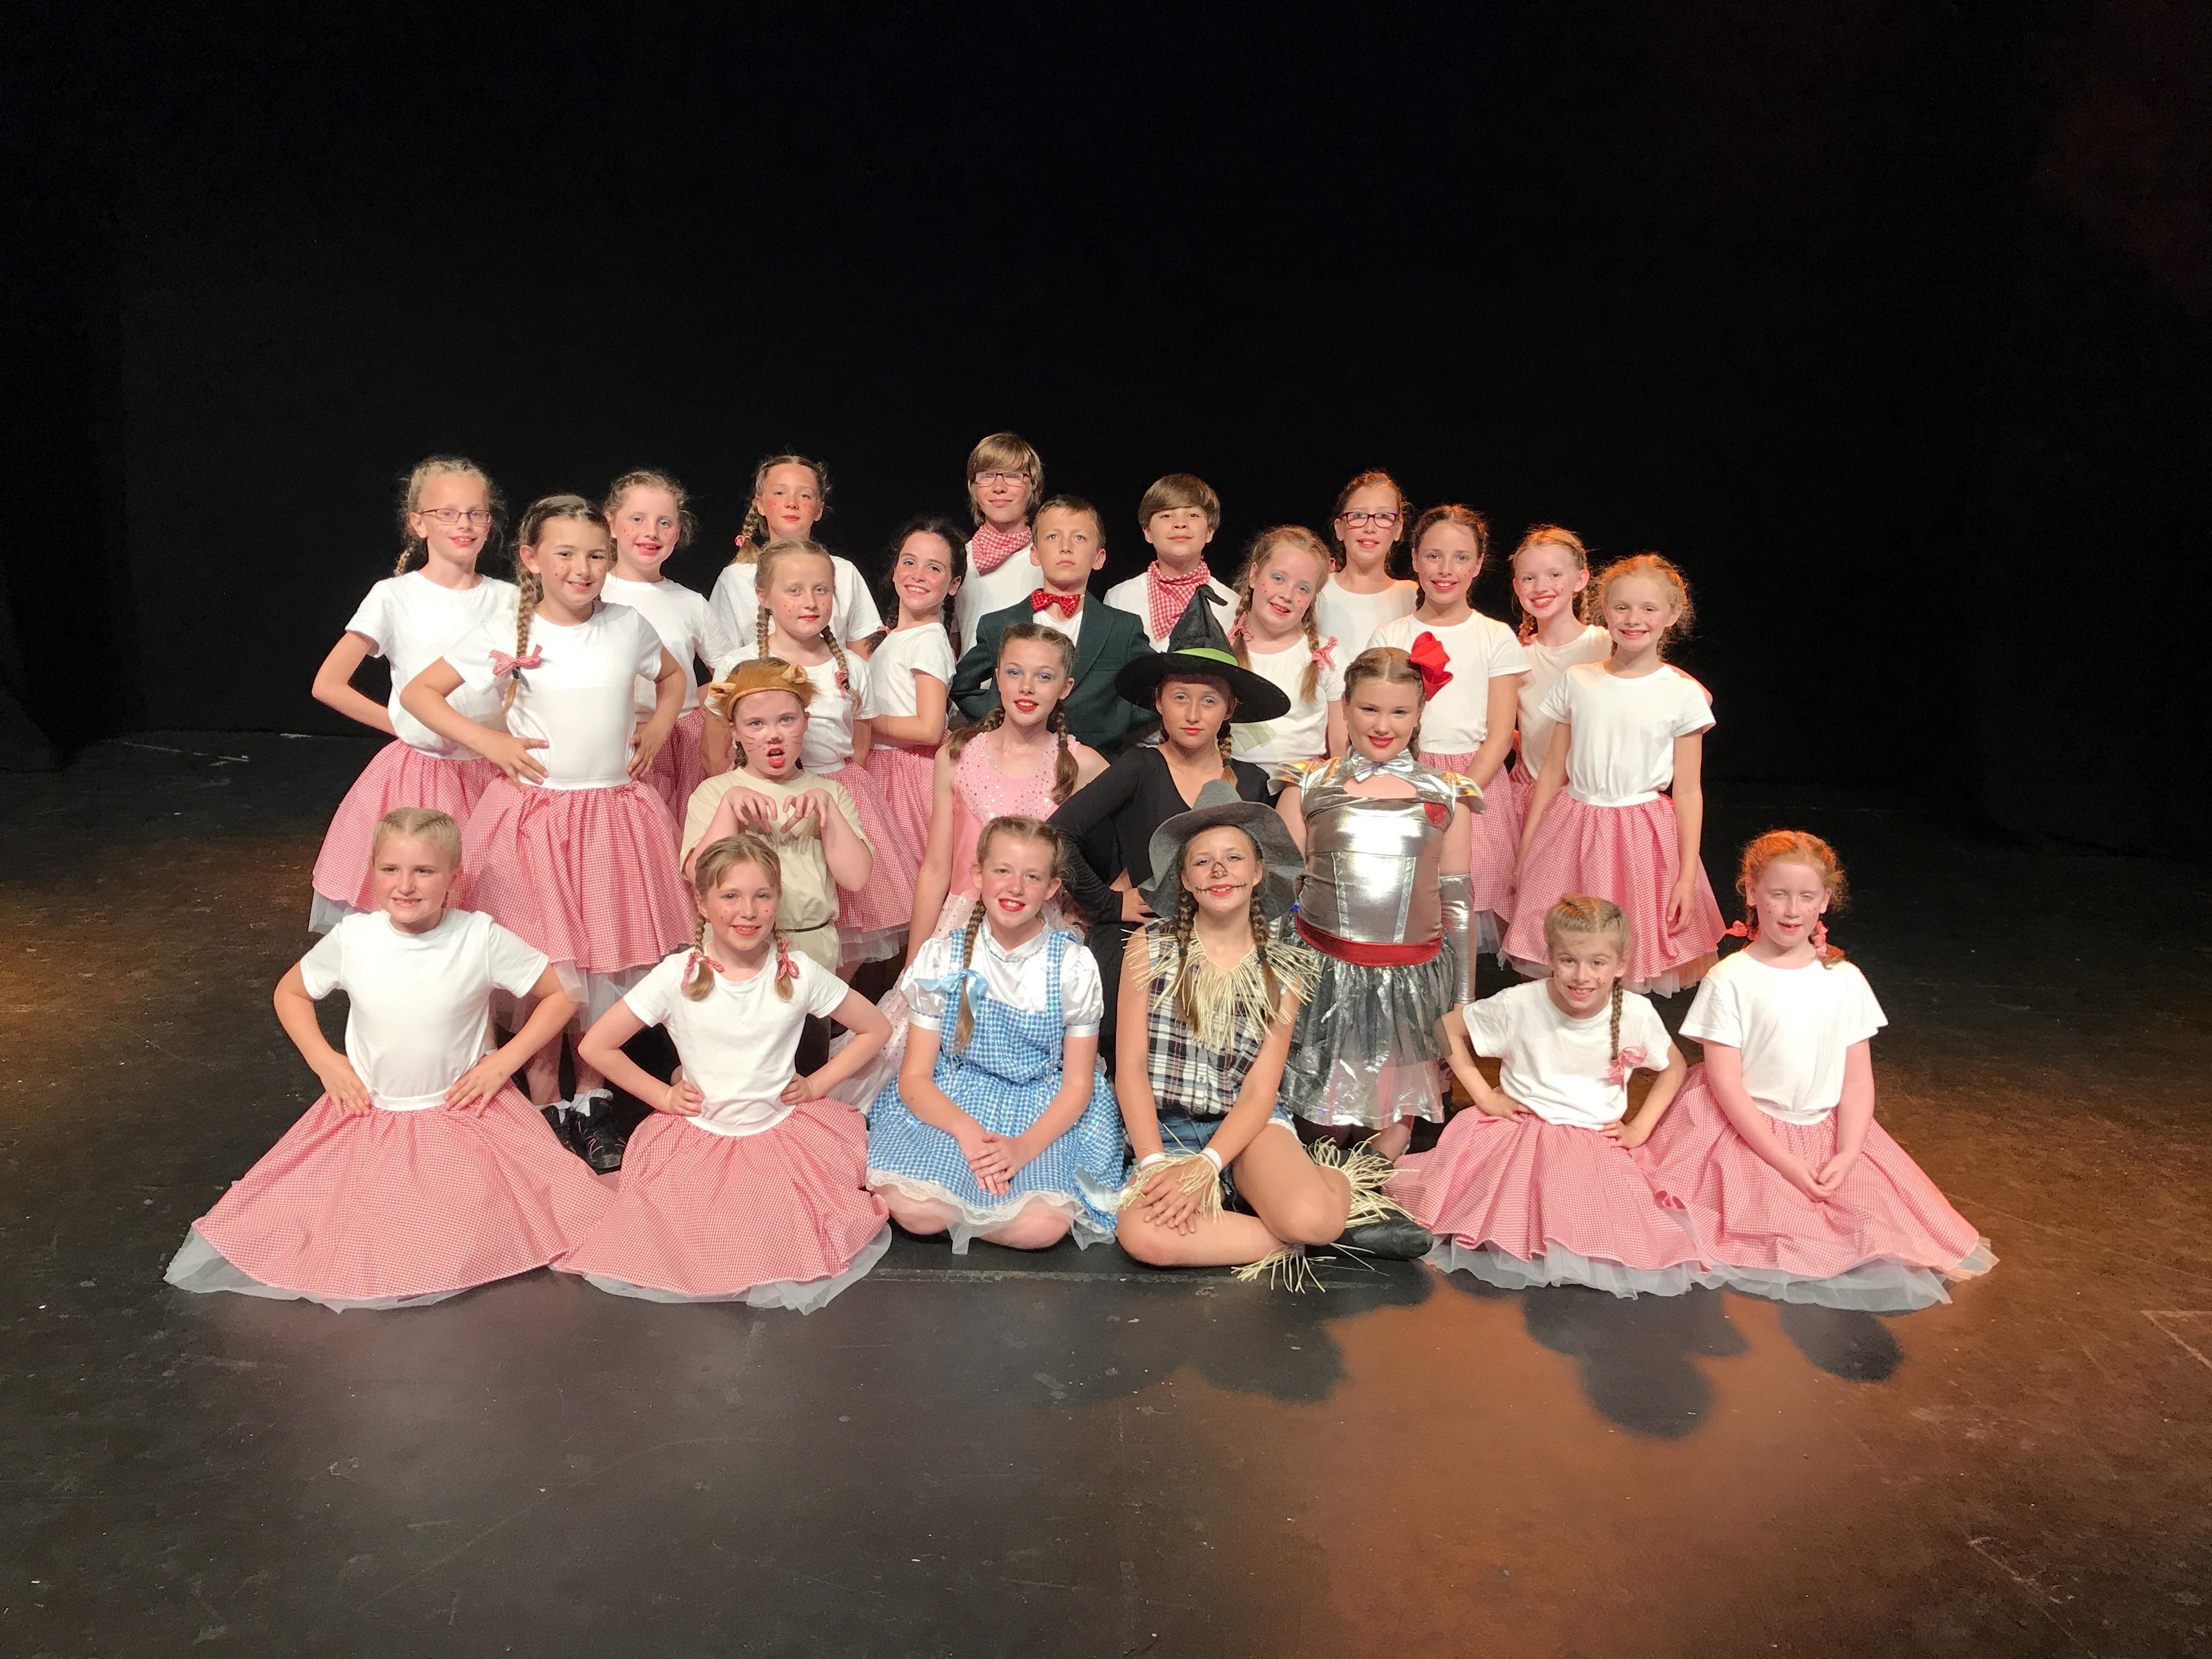 Bravo Stowmarket Drama Sing Dance